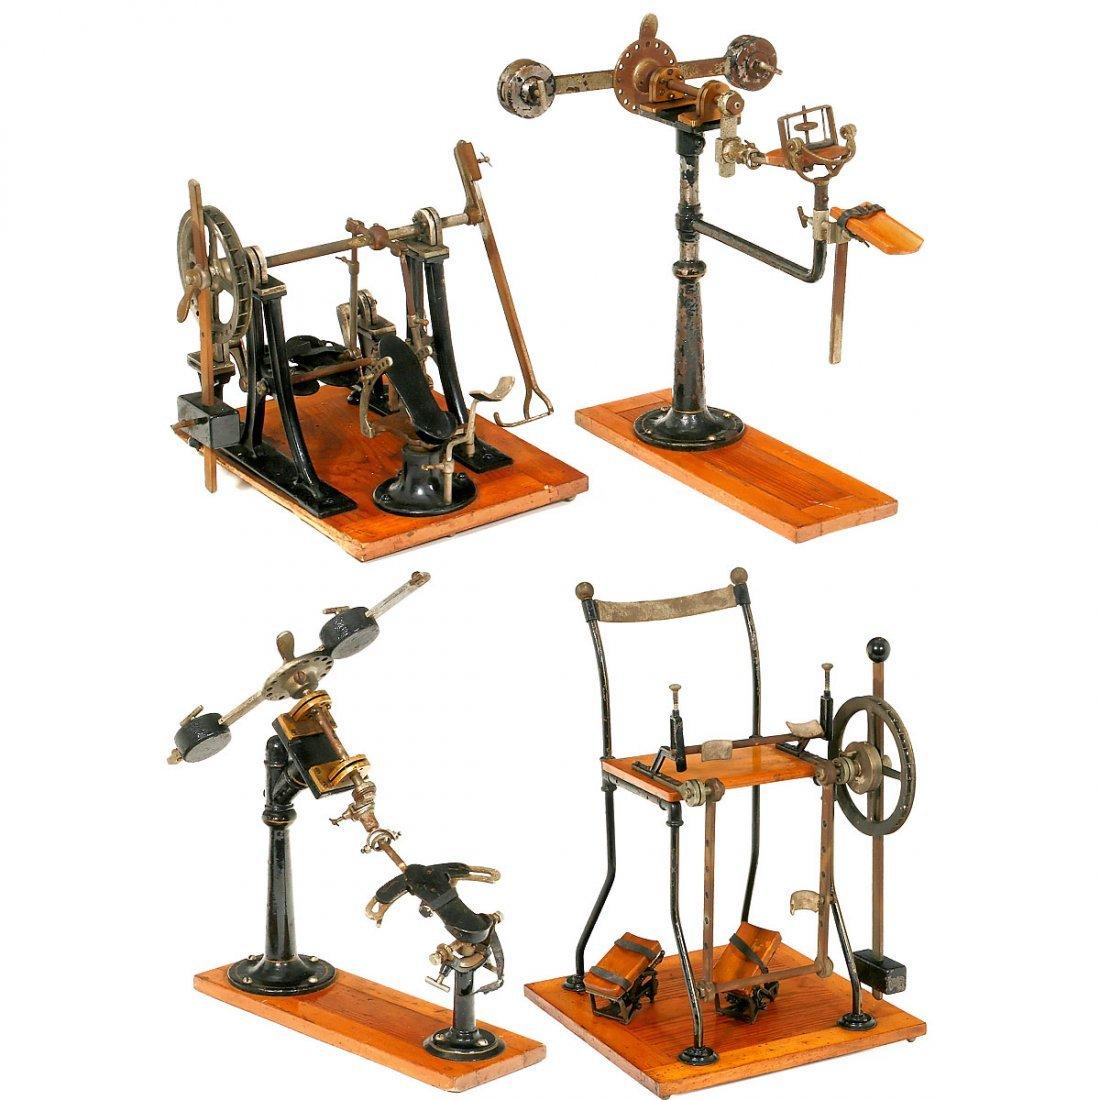 4 Orthopedic Patent Models/Salesman's Samples, c. 1880